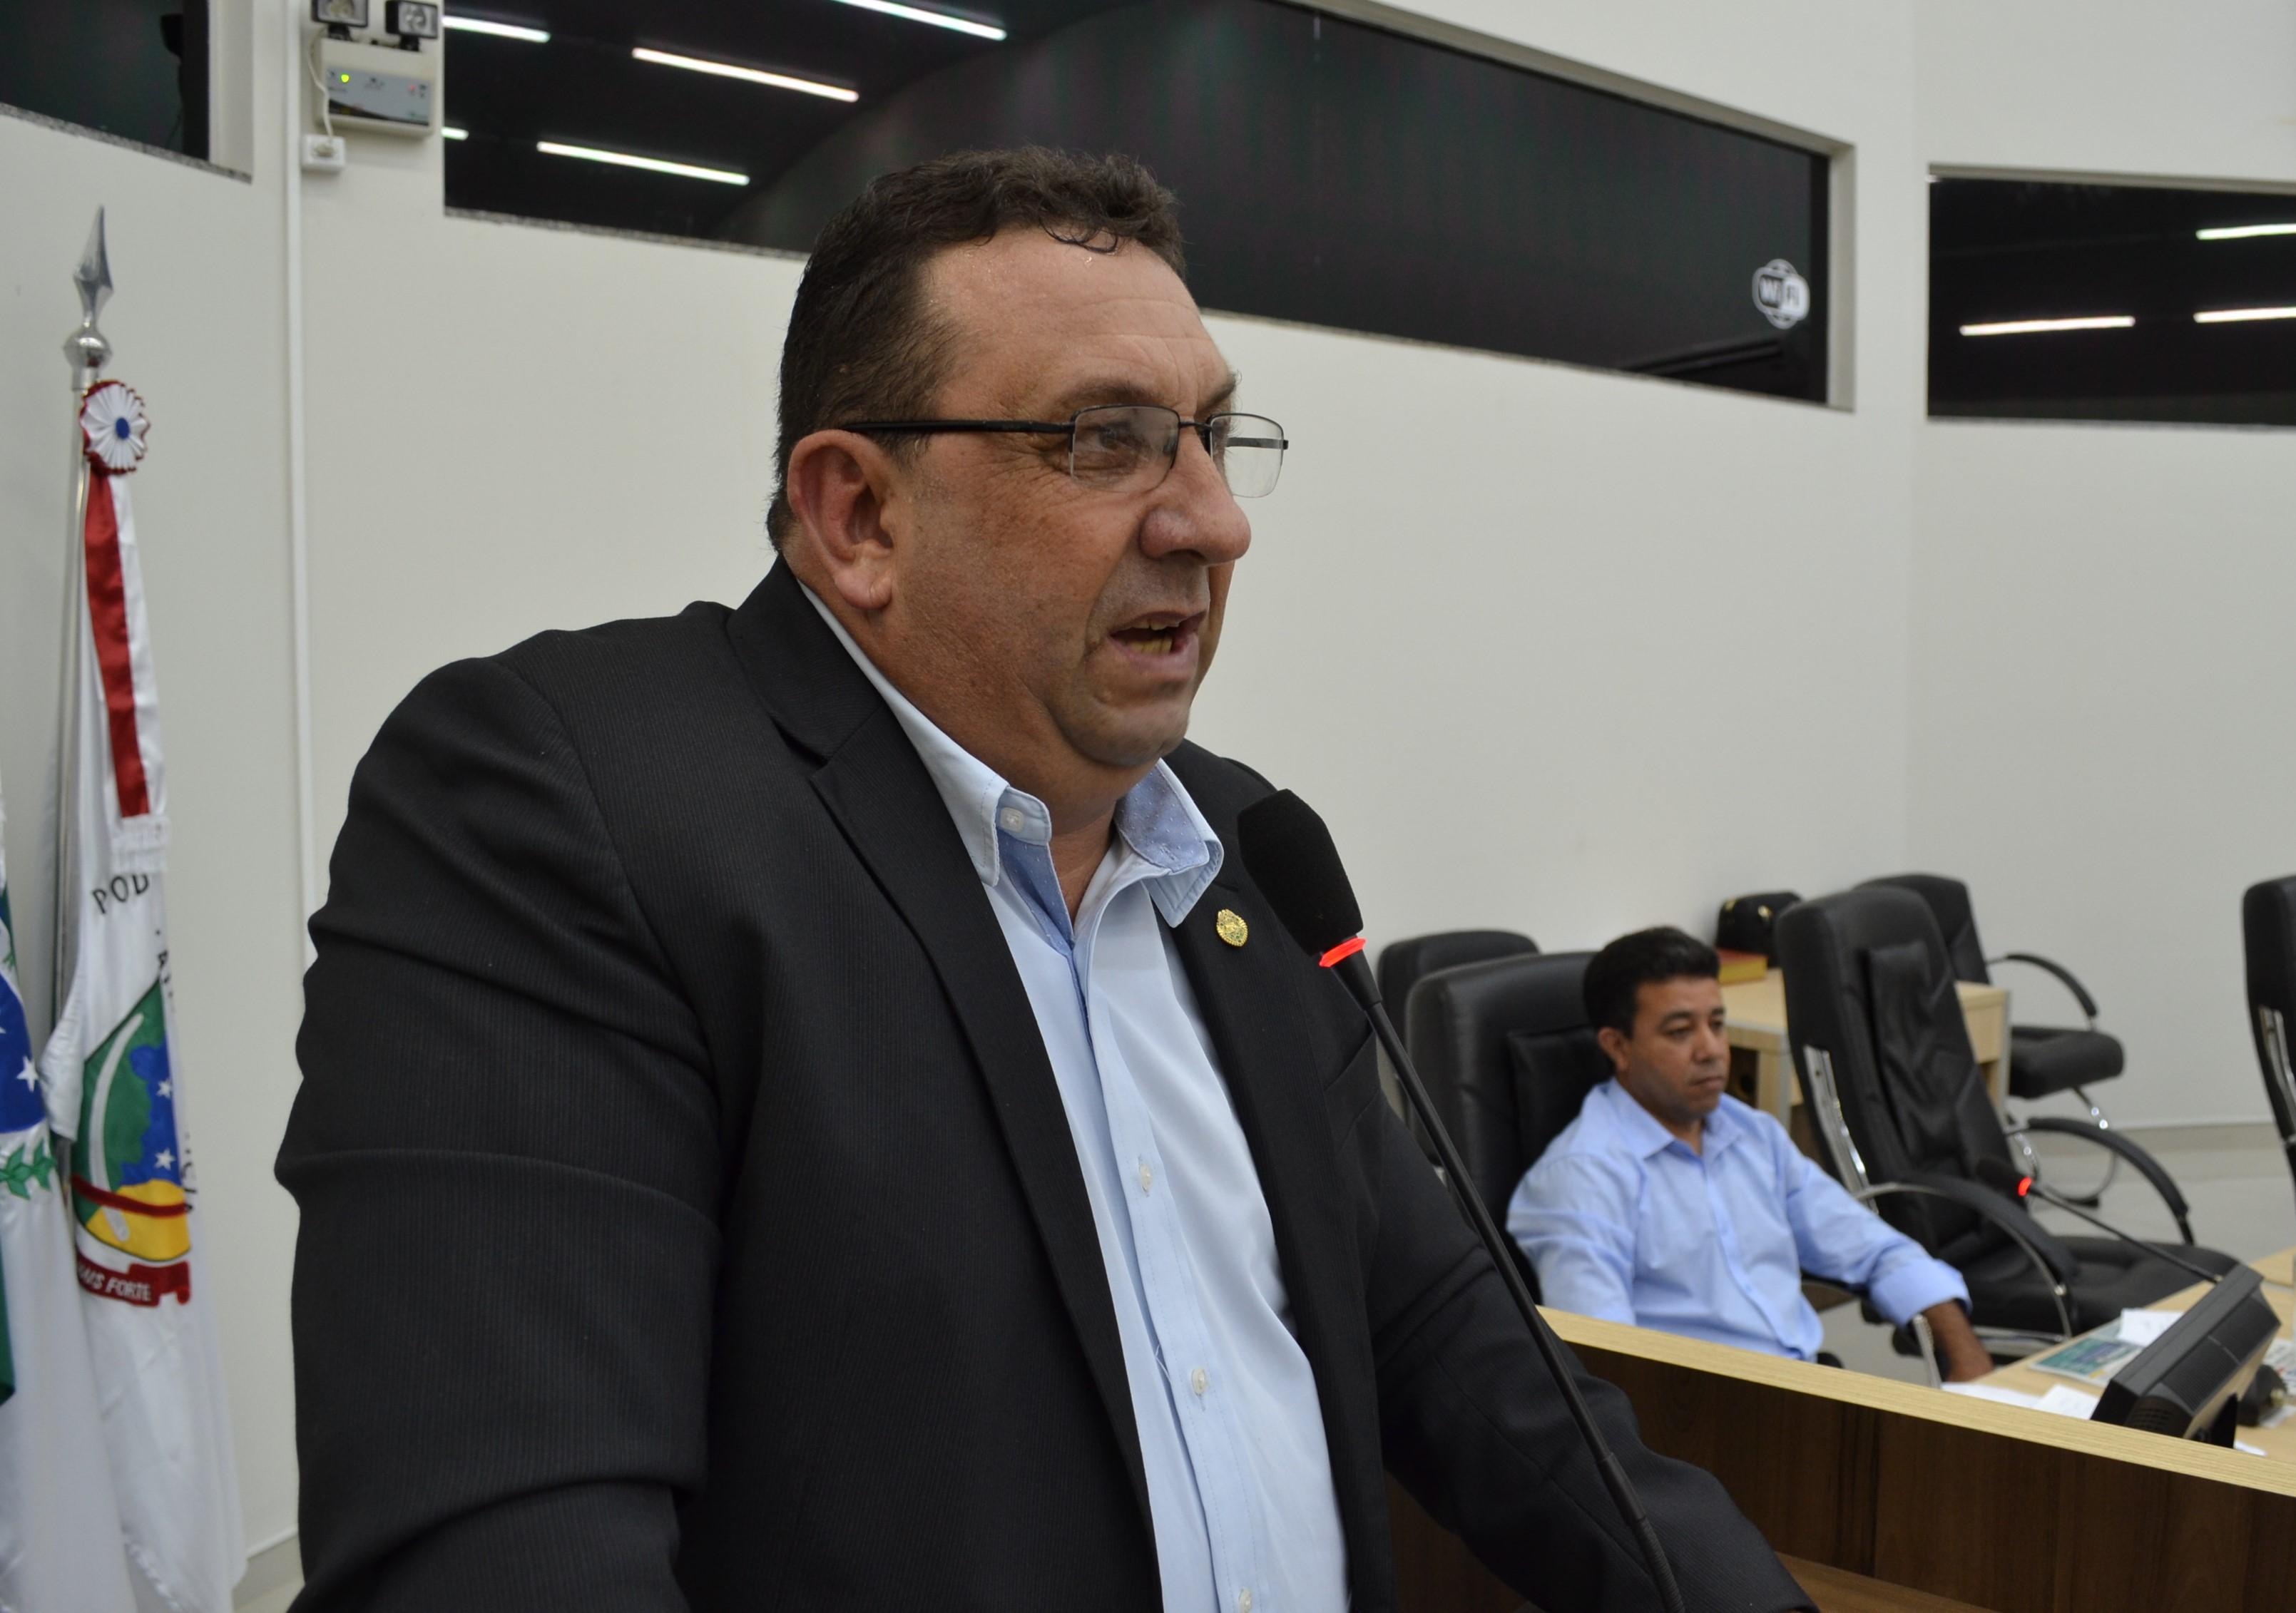 A participação das pessoas na política é um pedido do vereador Carlos Czerwonka